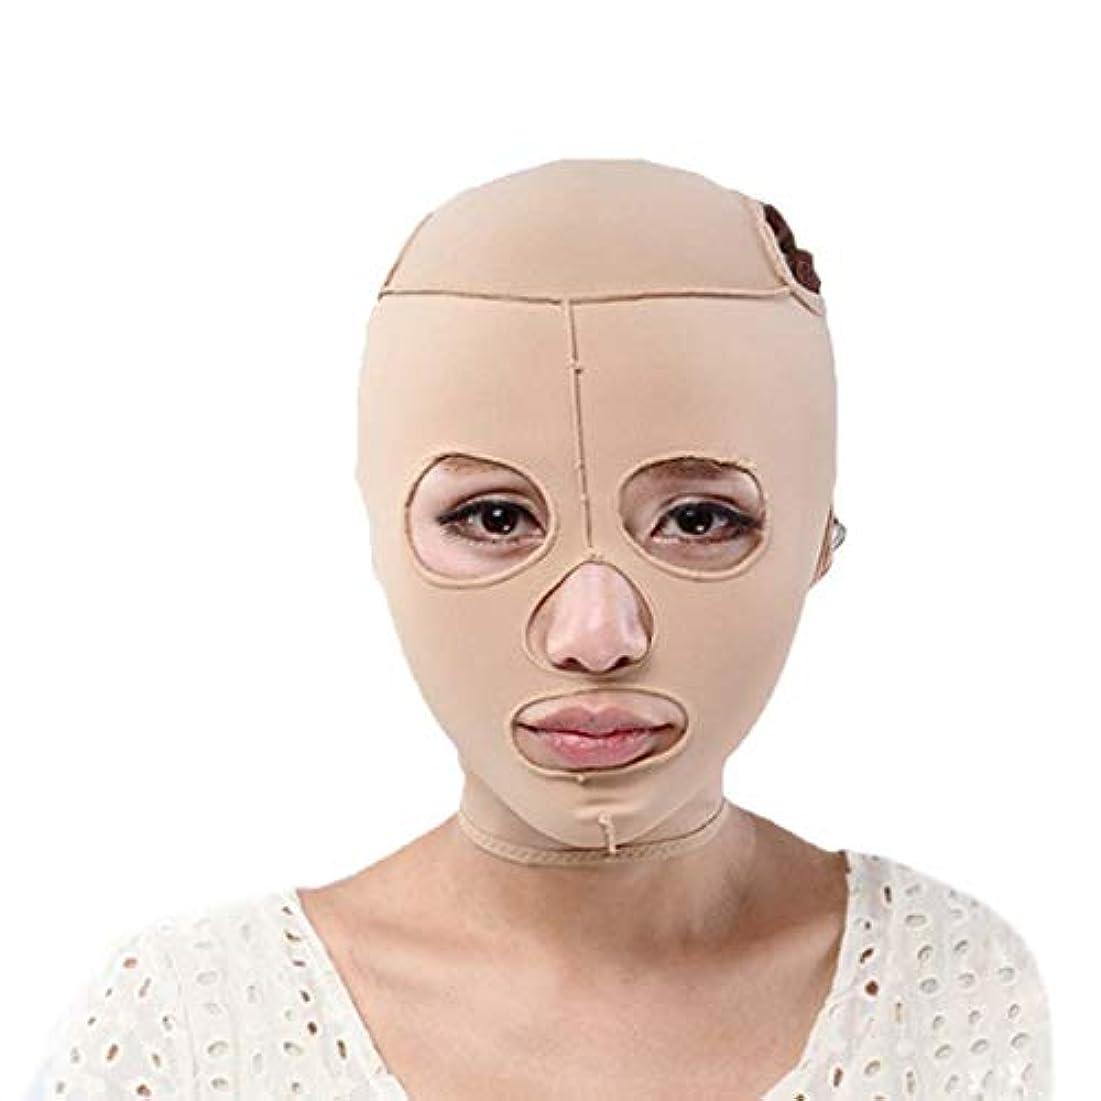 偏見聴衆アパートチンストラップ、顔の減量アンチシワマスク、快適な通気性マスク付きオールインクルーシブフェイス、薄型フェイスマスクリフティング包帯引き締め(サイズ:S),XL